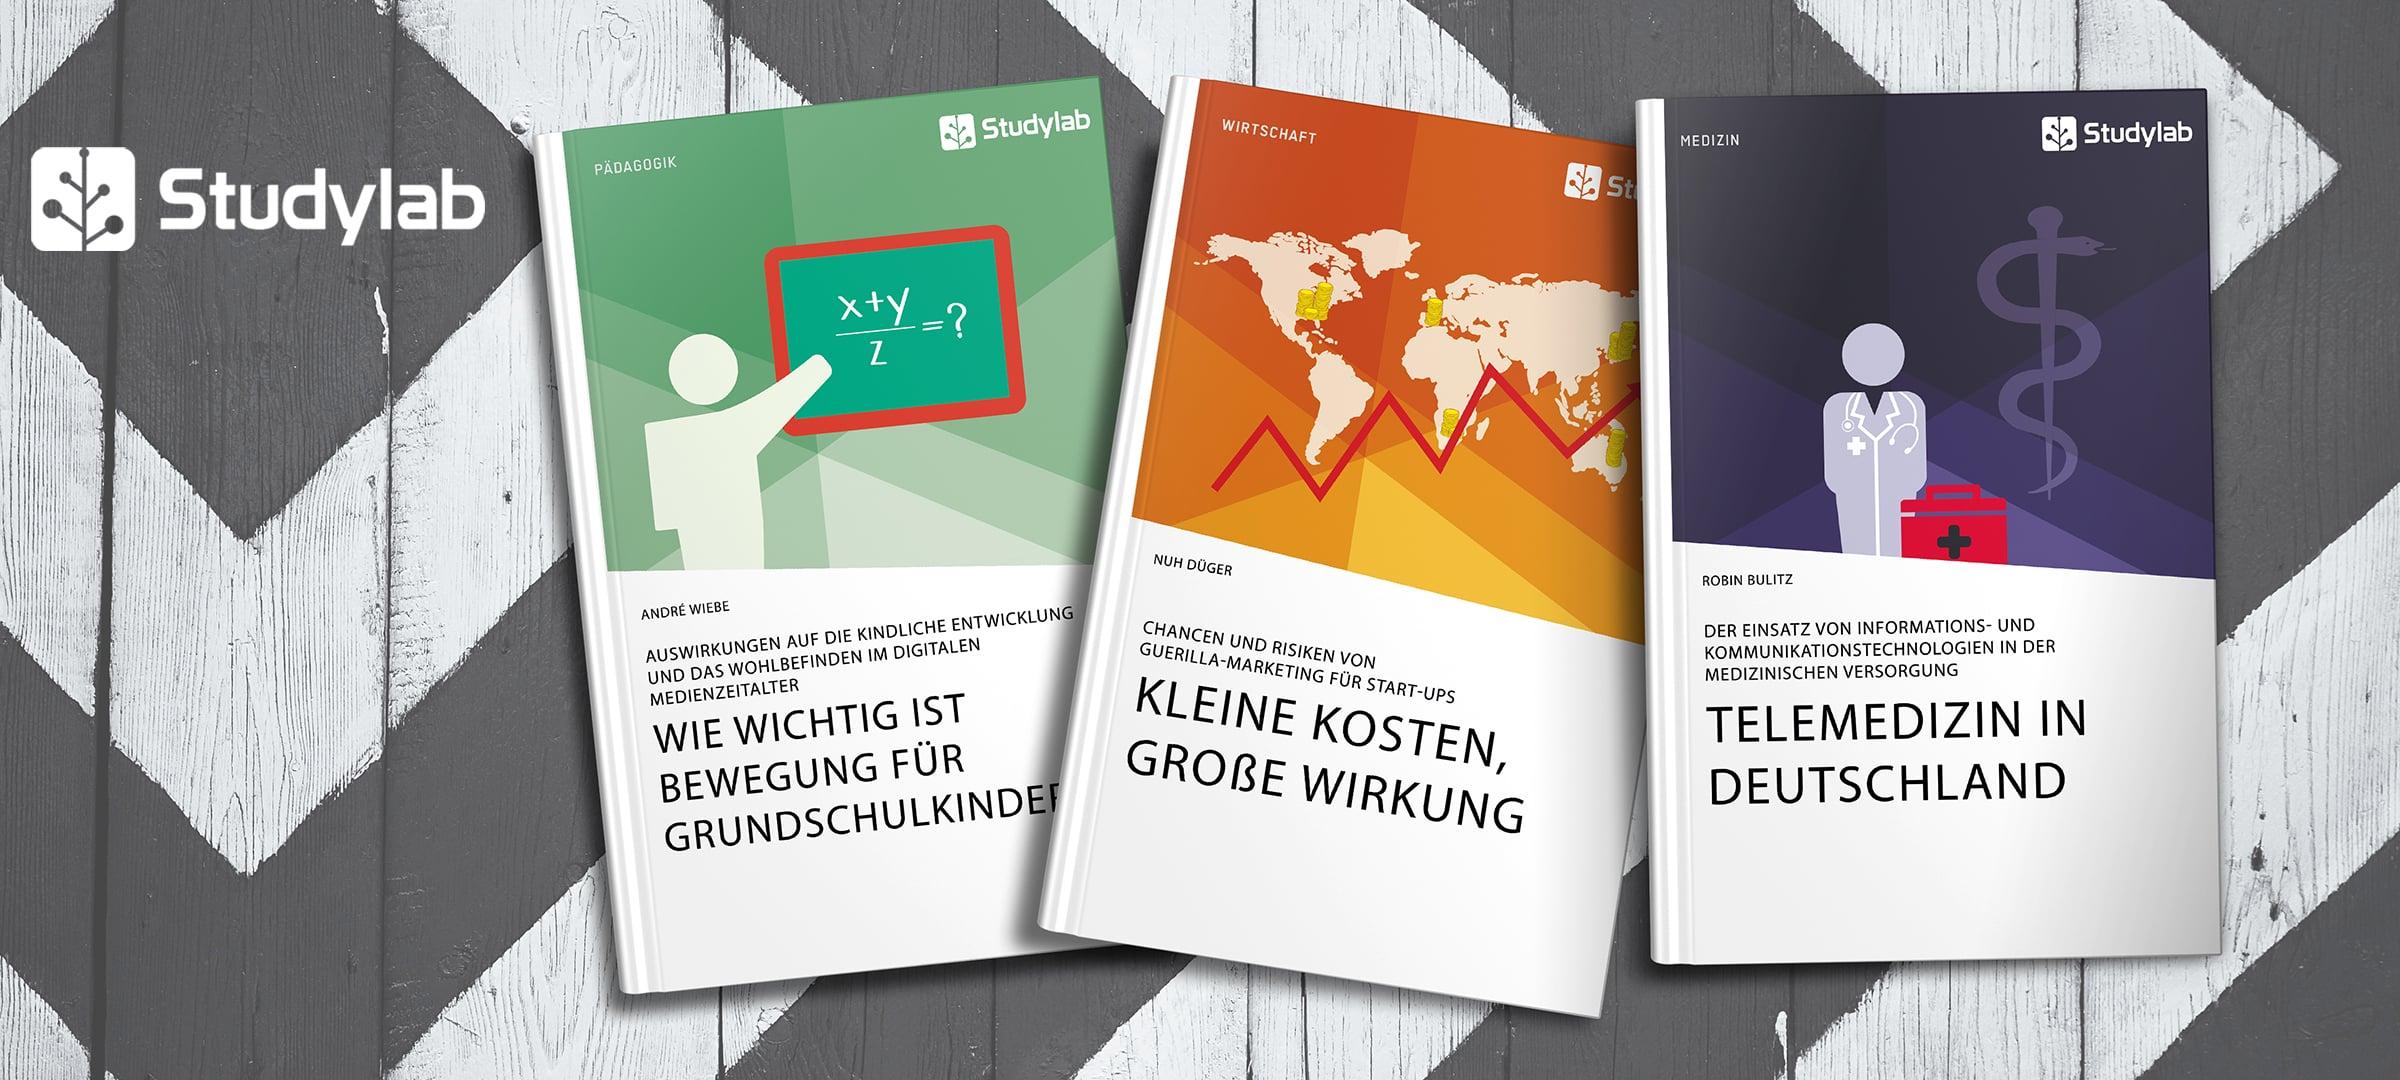 Titelbild: Titelbeispiele aus dem Portfolio von Studylab